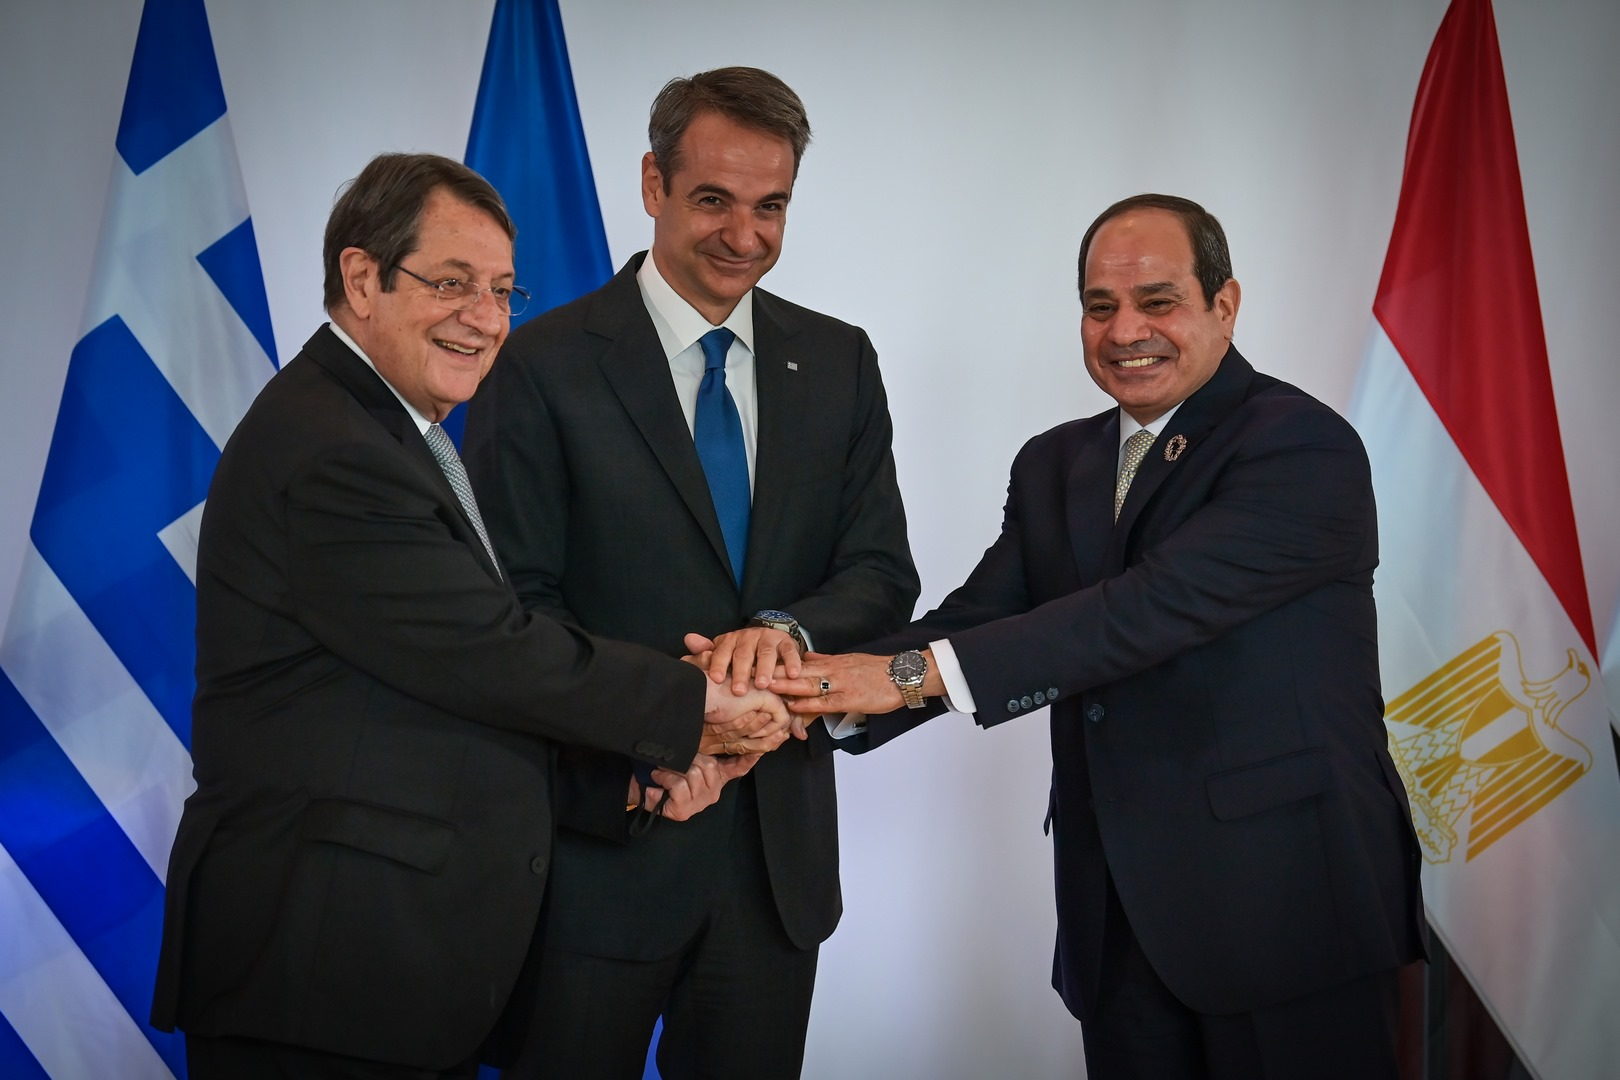 اتفاق بين مصر واليونان وقبرص حول نقل الكهرباء